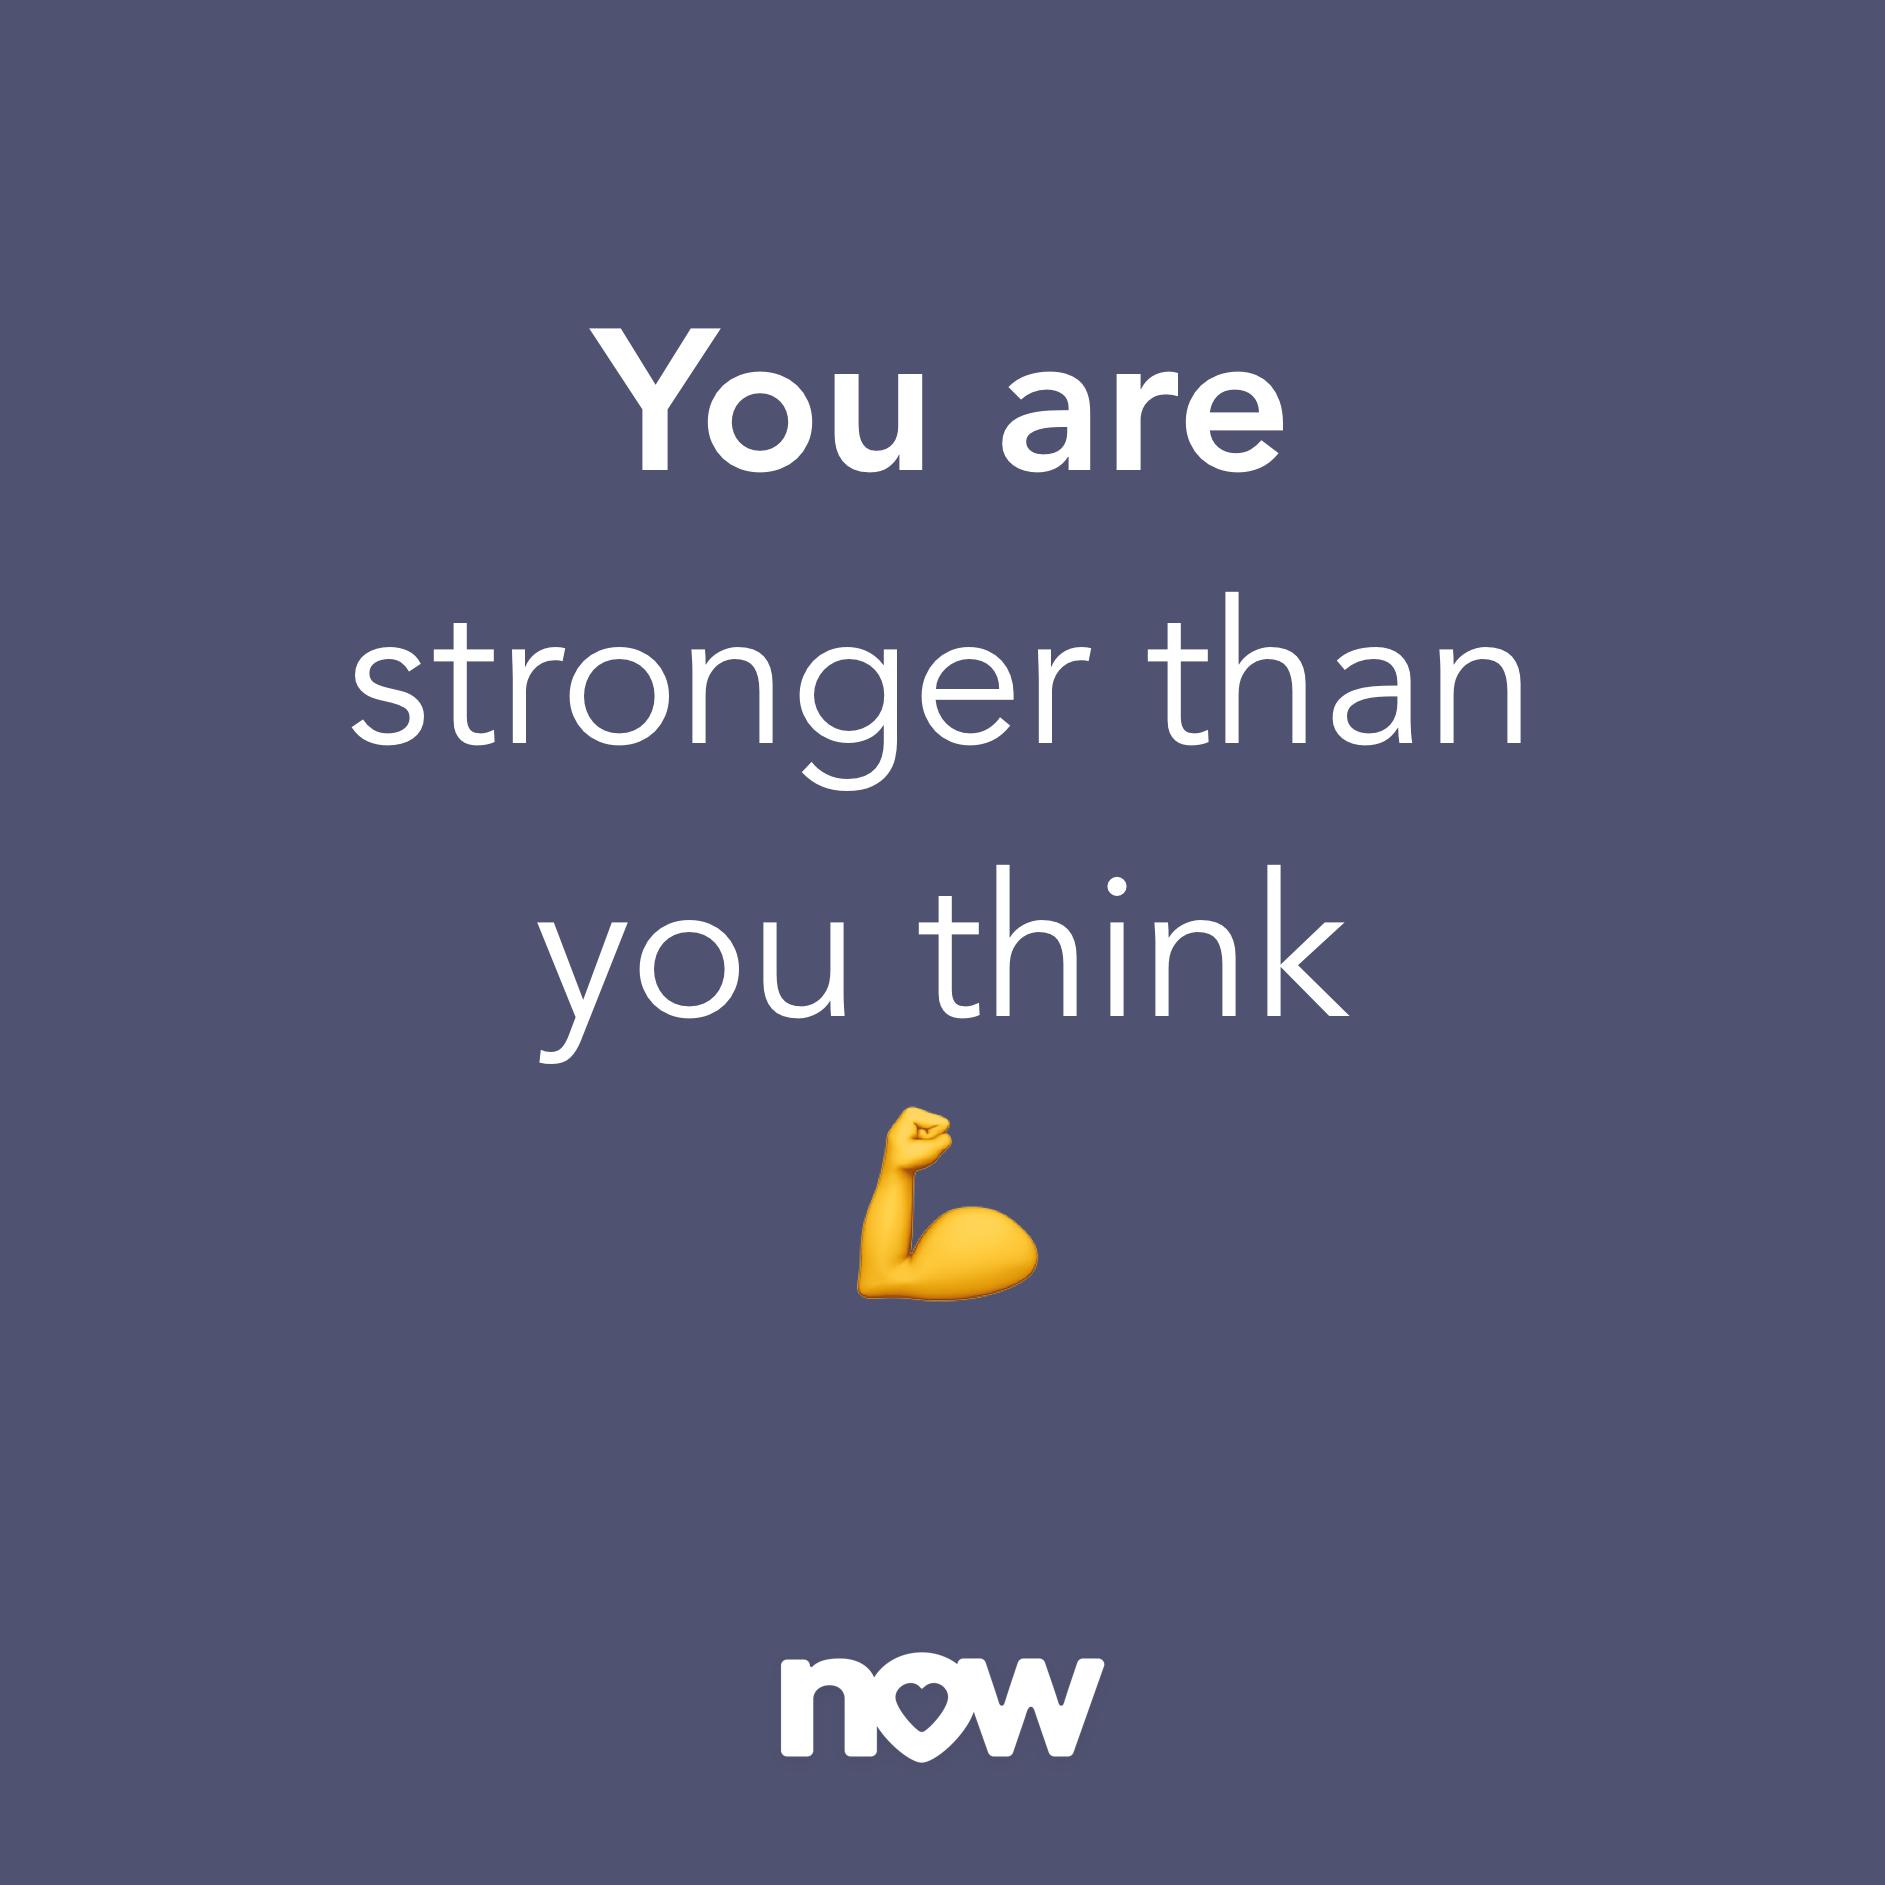 You Got This Startup Lifequotes Successquotes Startuplife Motivationalquotes Quotes Success Quotes Encouragement Quotes Funny Encouragement